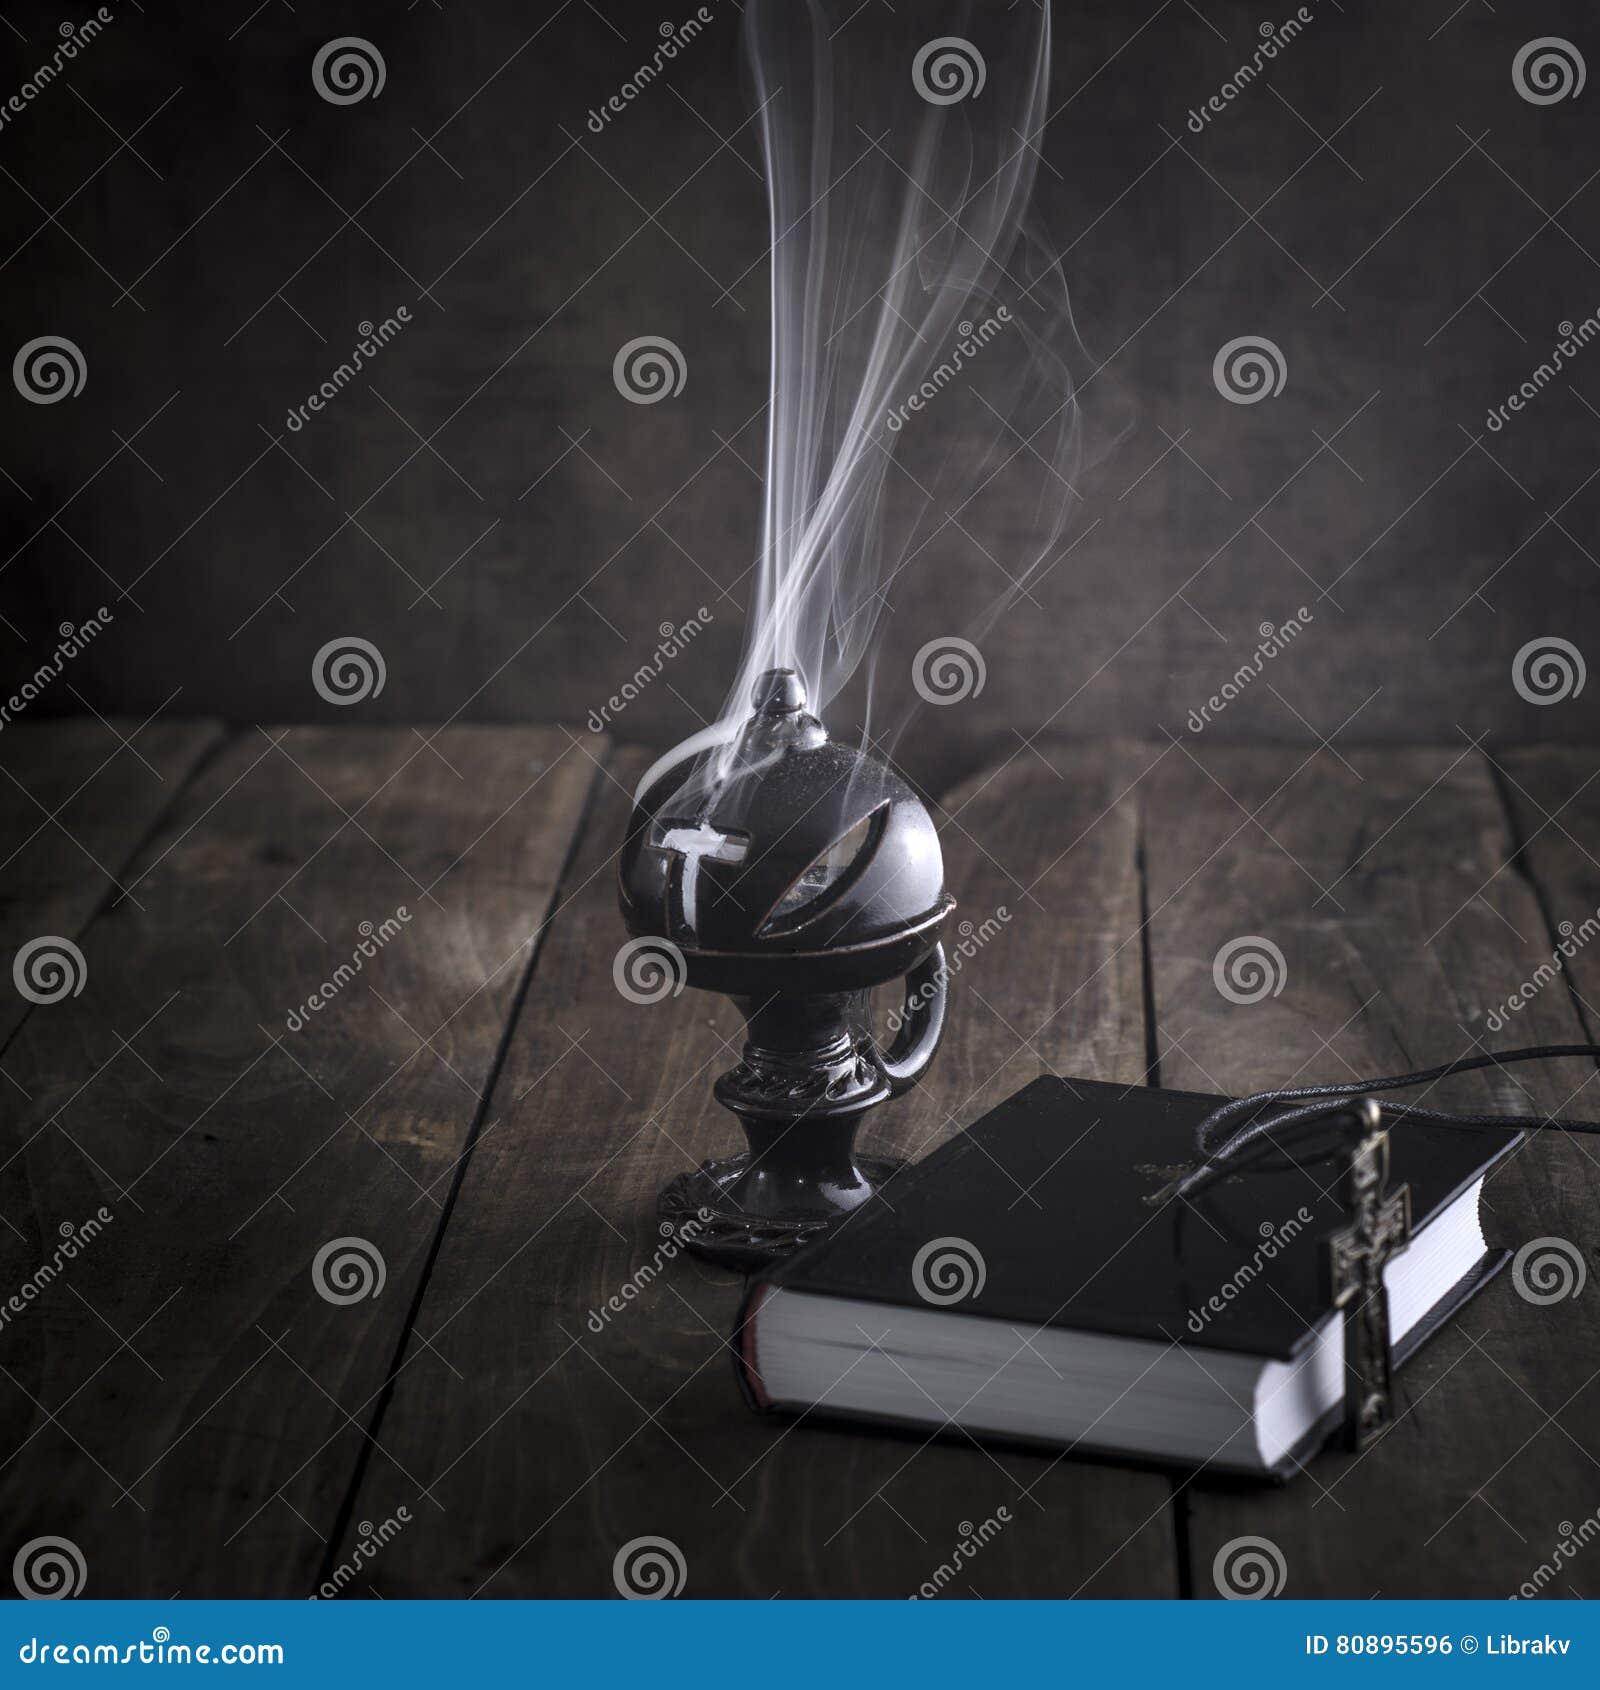 Smoking Thurible Burning Frankincense Stock Photo Image Of Christianity Religion 80895596